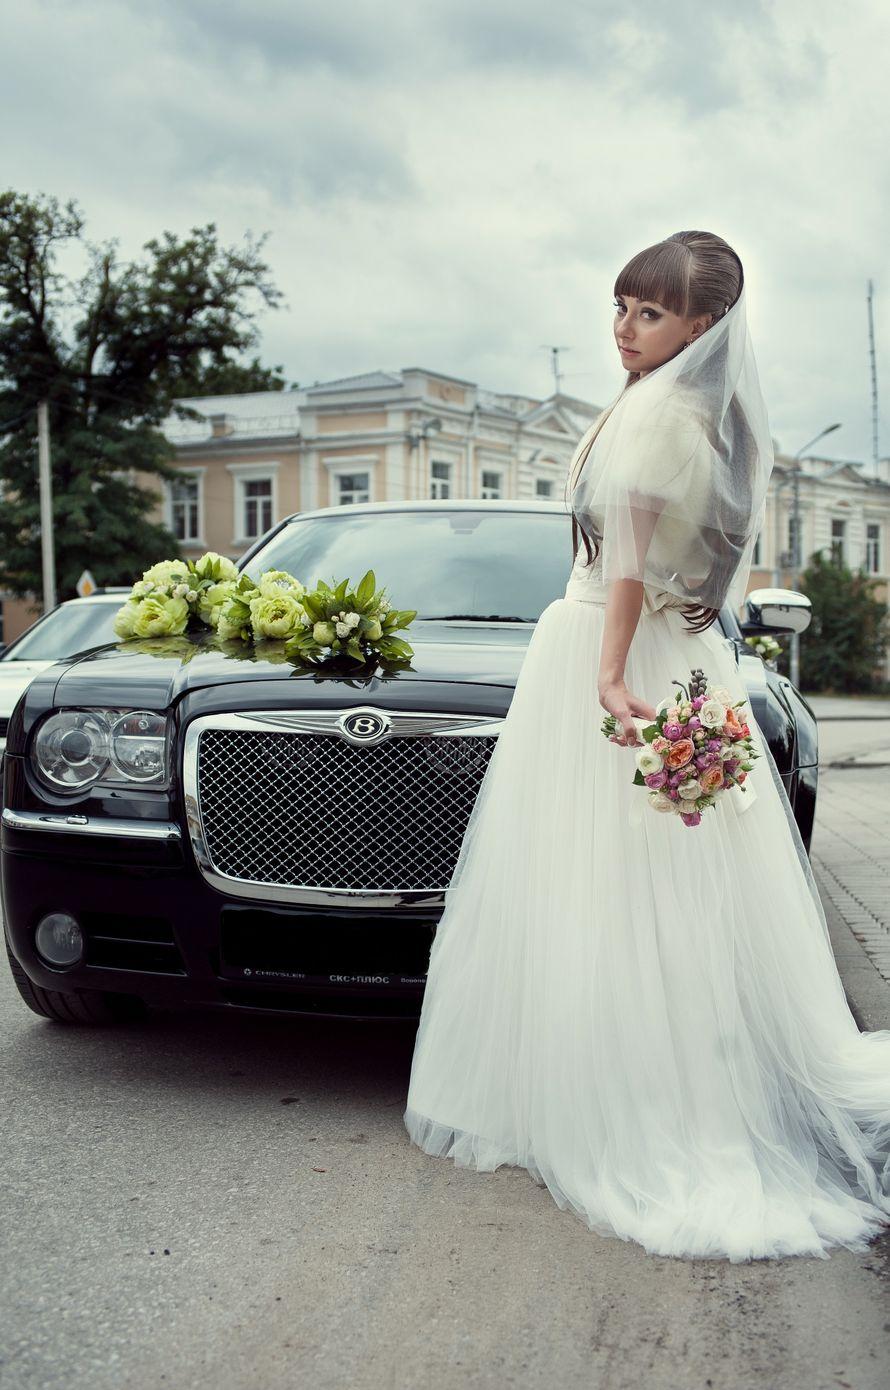 Chrysler 300C Черный- от 1000 до 1300 р/ч (с украшениями)  Chrysler 300C Белый - от 1300 до 1500 р/ч (с украшениями) - фото 4246891 LUXCar - аренда автомобилей